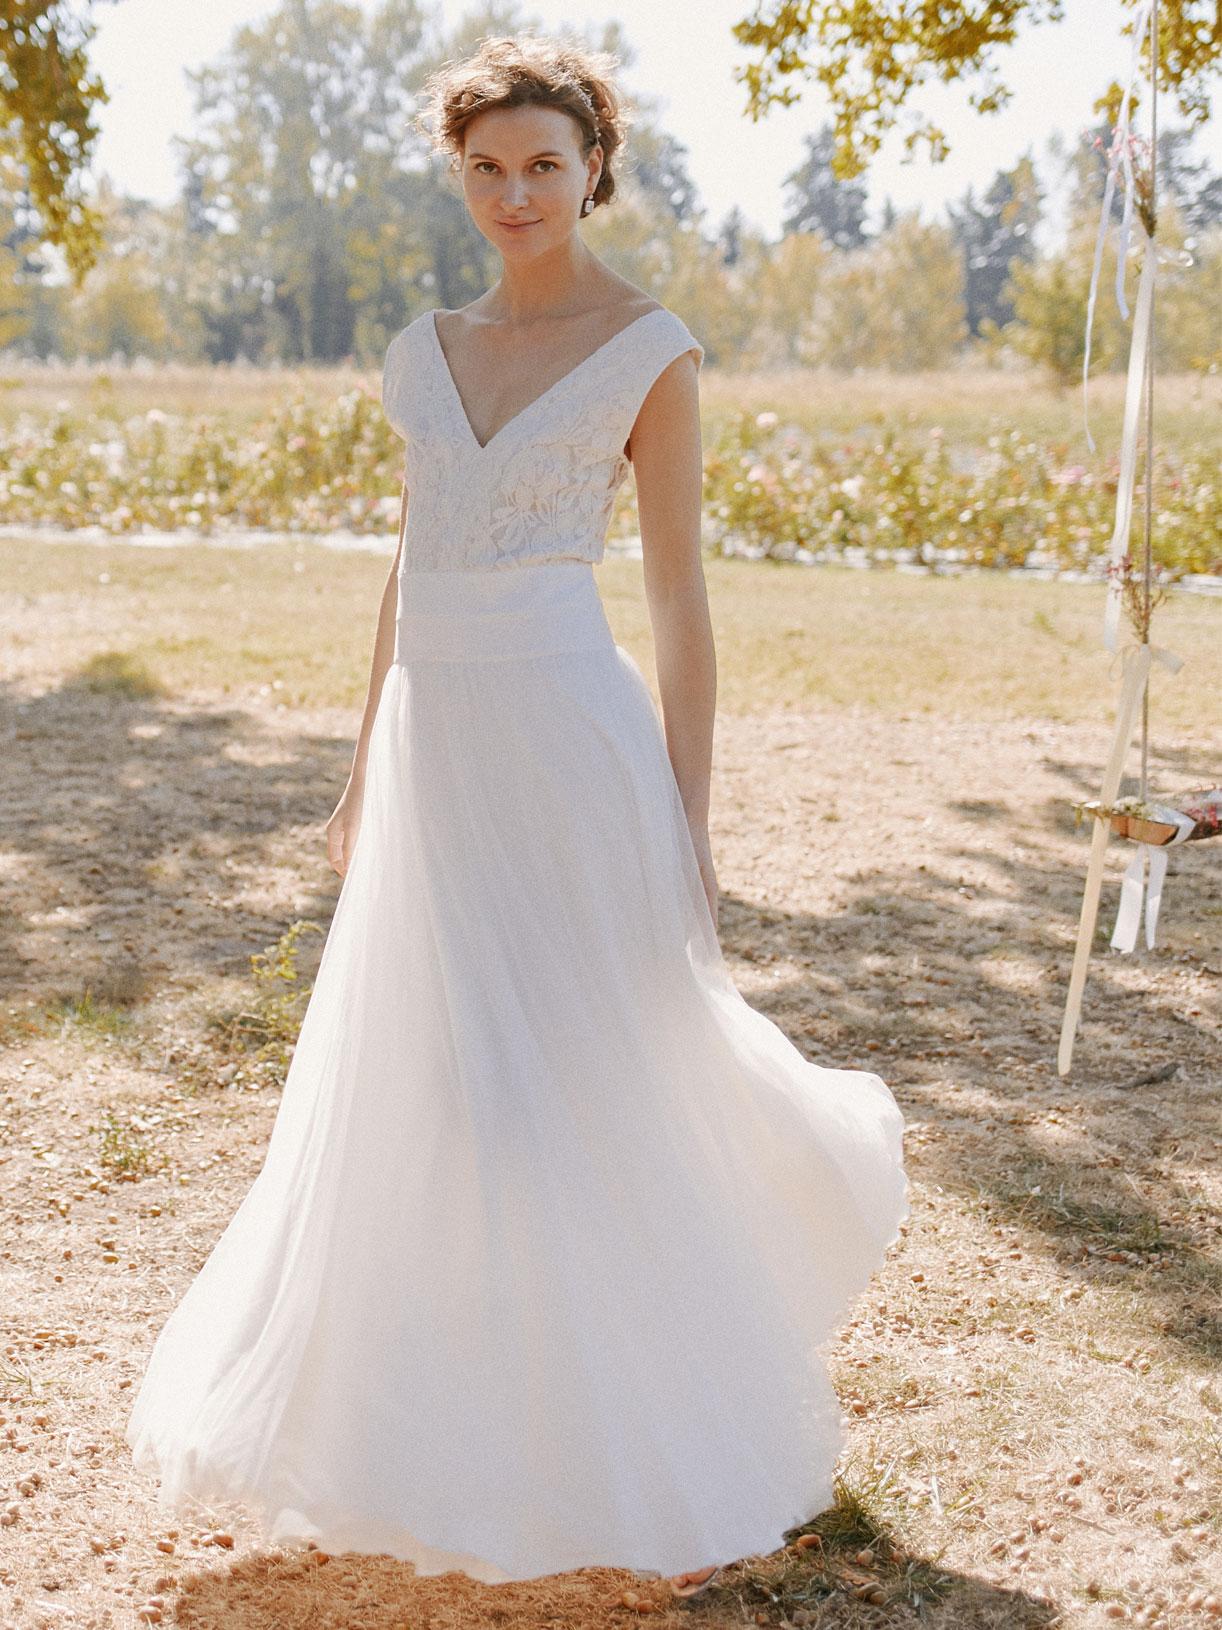 Robe de mariée princesse écoresponsable et sur-mesure - Myphilosophy